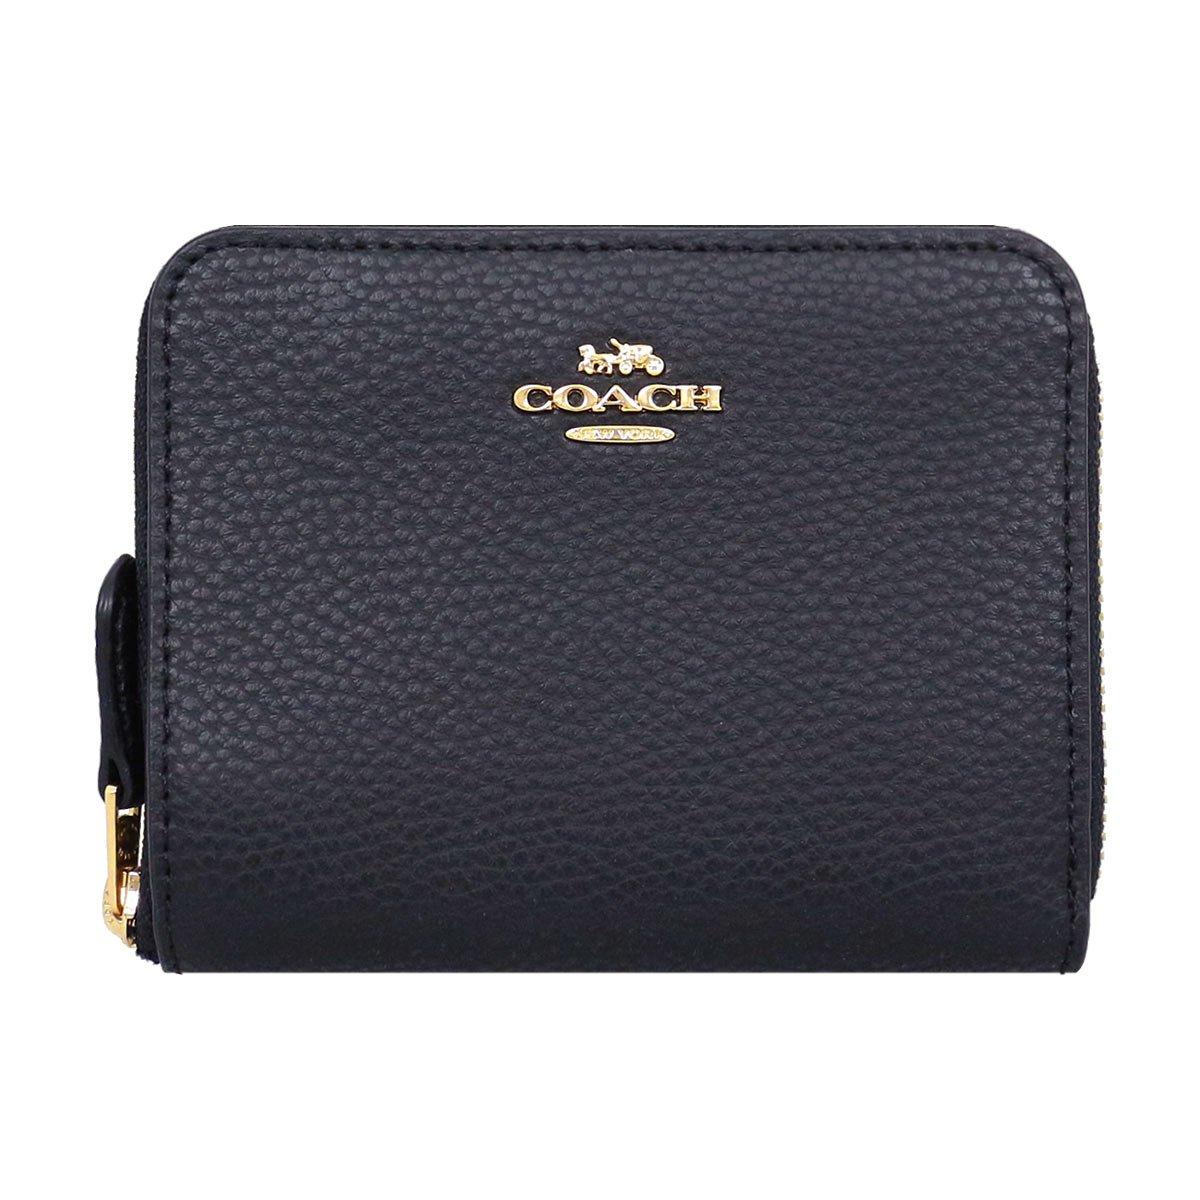 [コーチ] COACH 財布 (二つ折り財布) F24808 ブラック IMBLK レザー 二つ折り財布 レディース [アウトレット品] [ブランド] [並行輸入品] B07D2D3S83